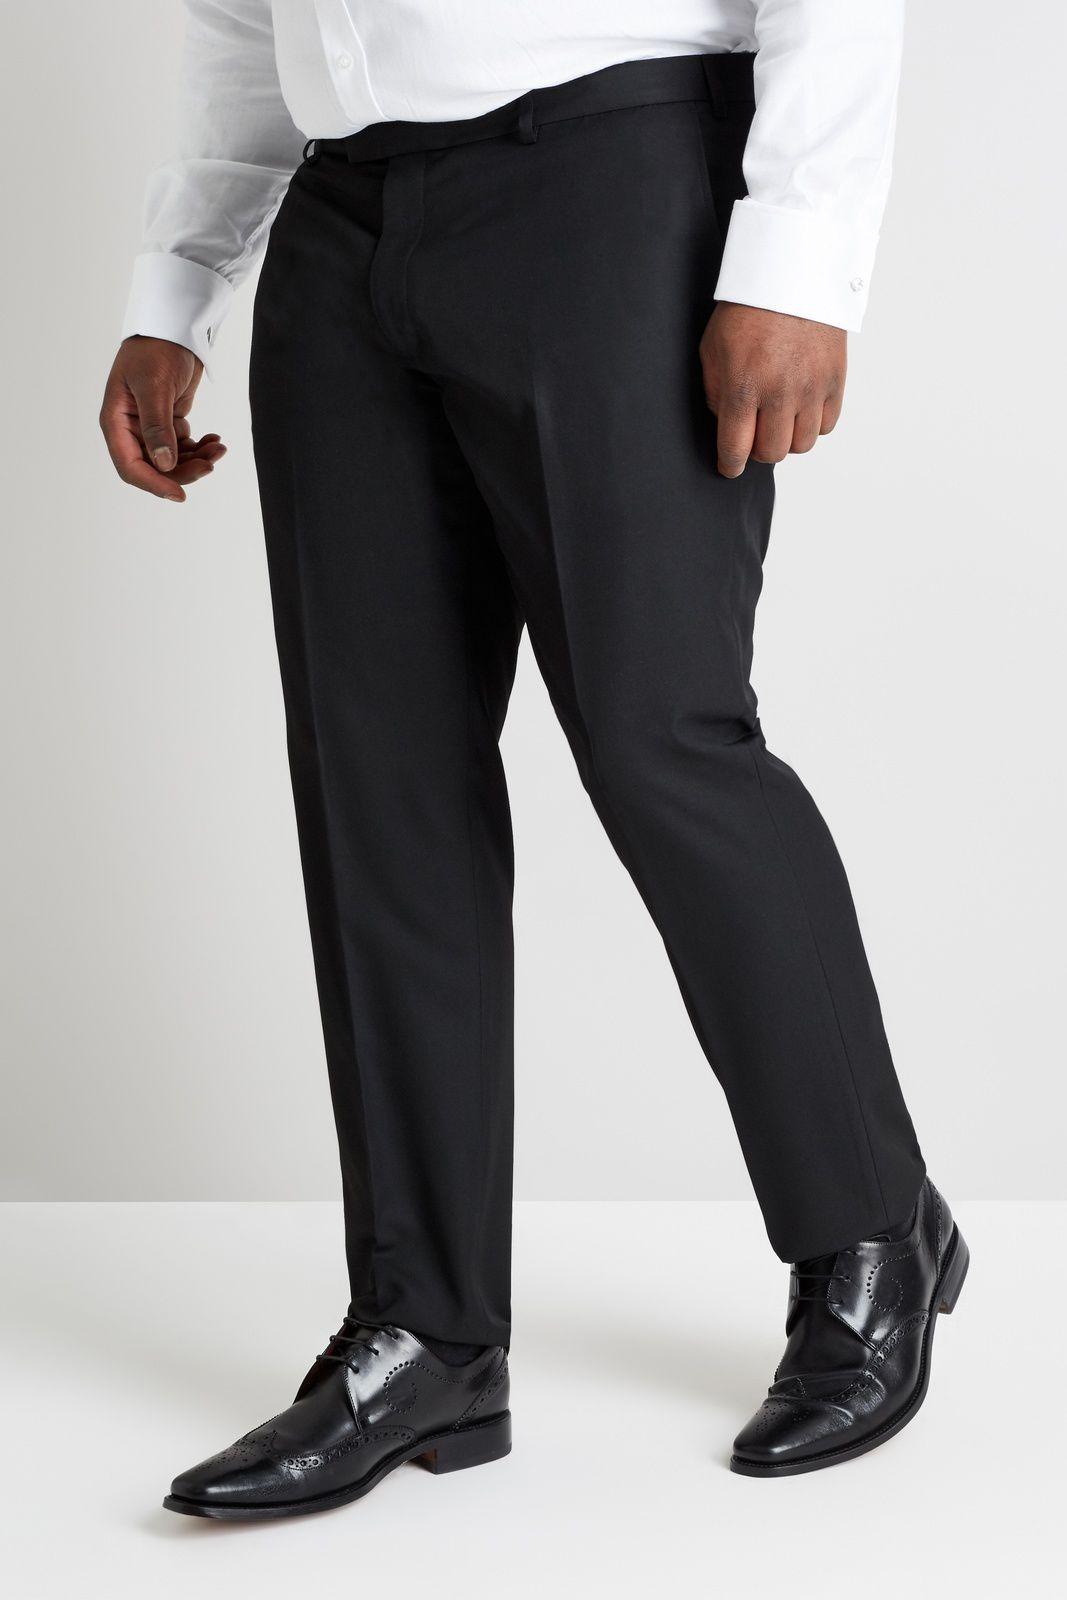 Terno Masculino Plus Size Preto Jordhan